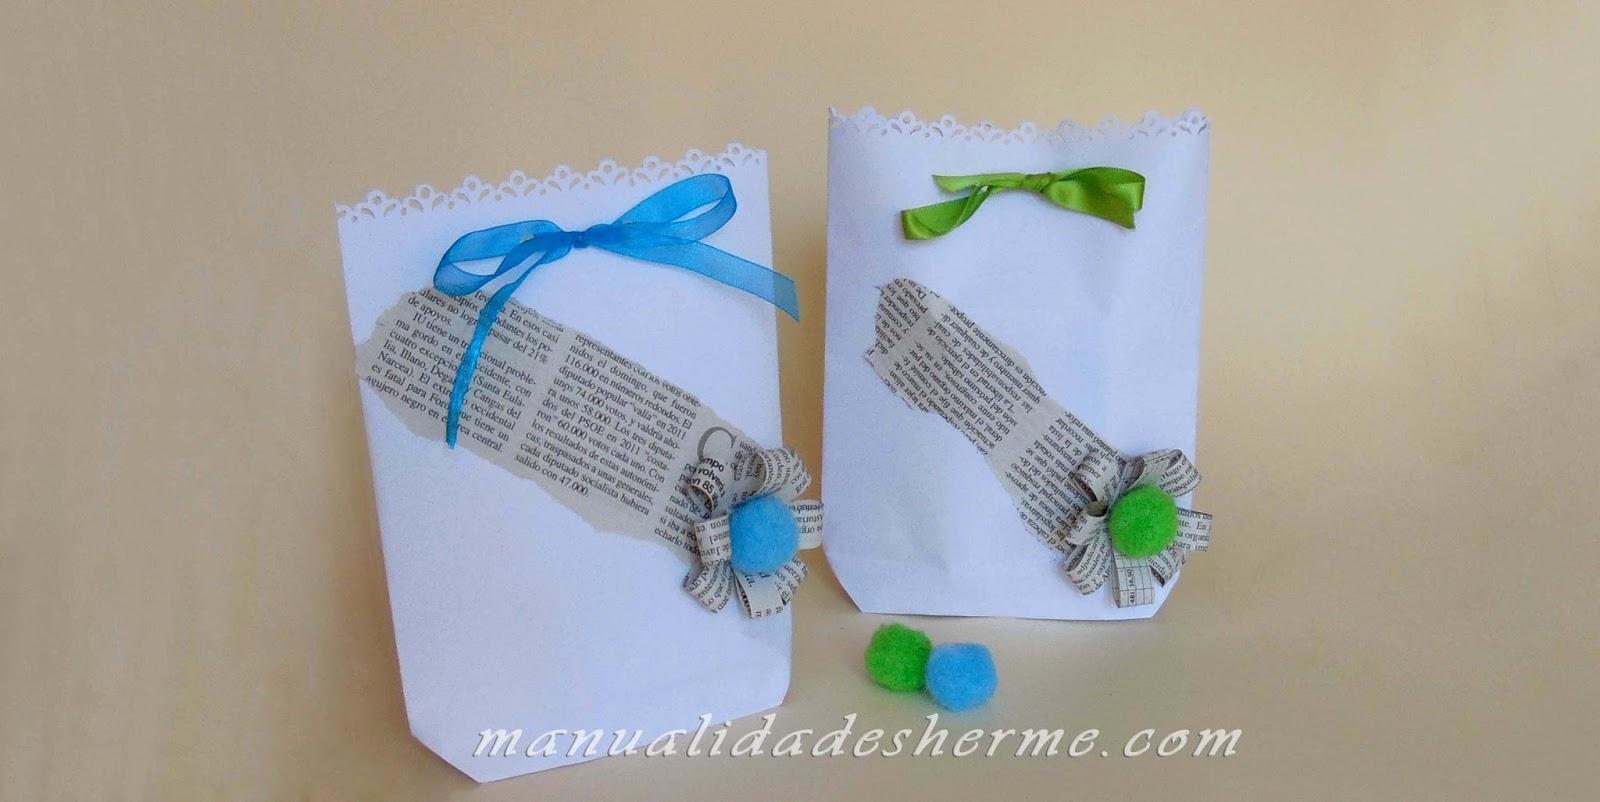 Manualidades herme como hacer bolsas de papel para regalo - Como hacer bolsas de regalo ...